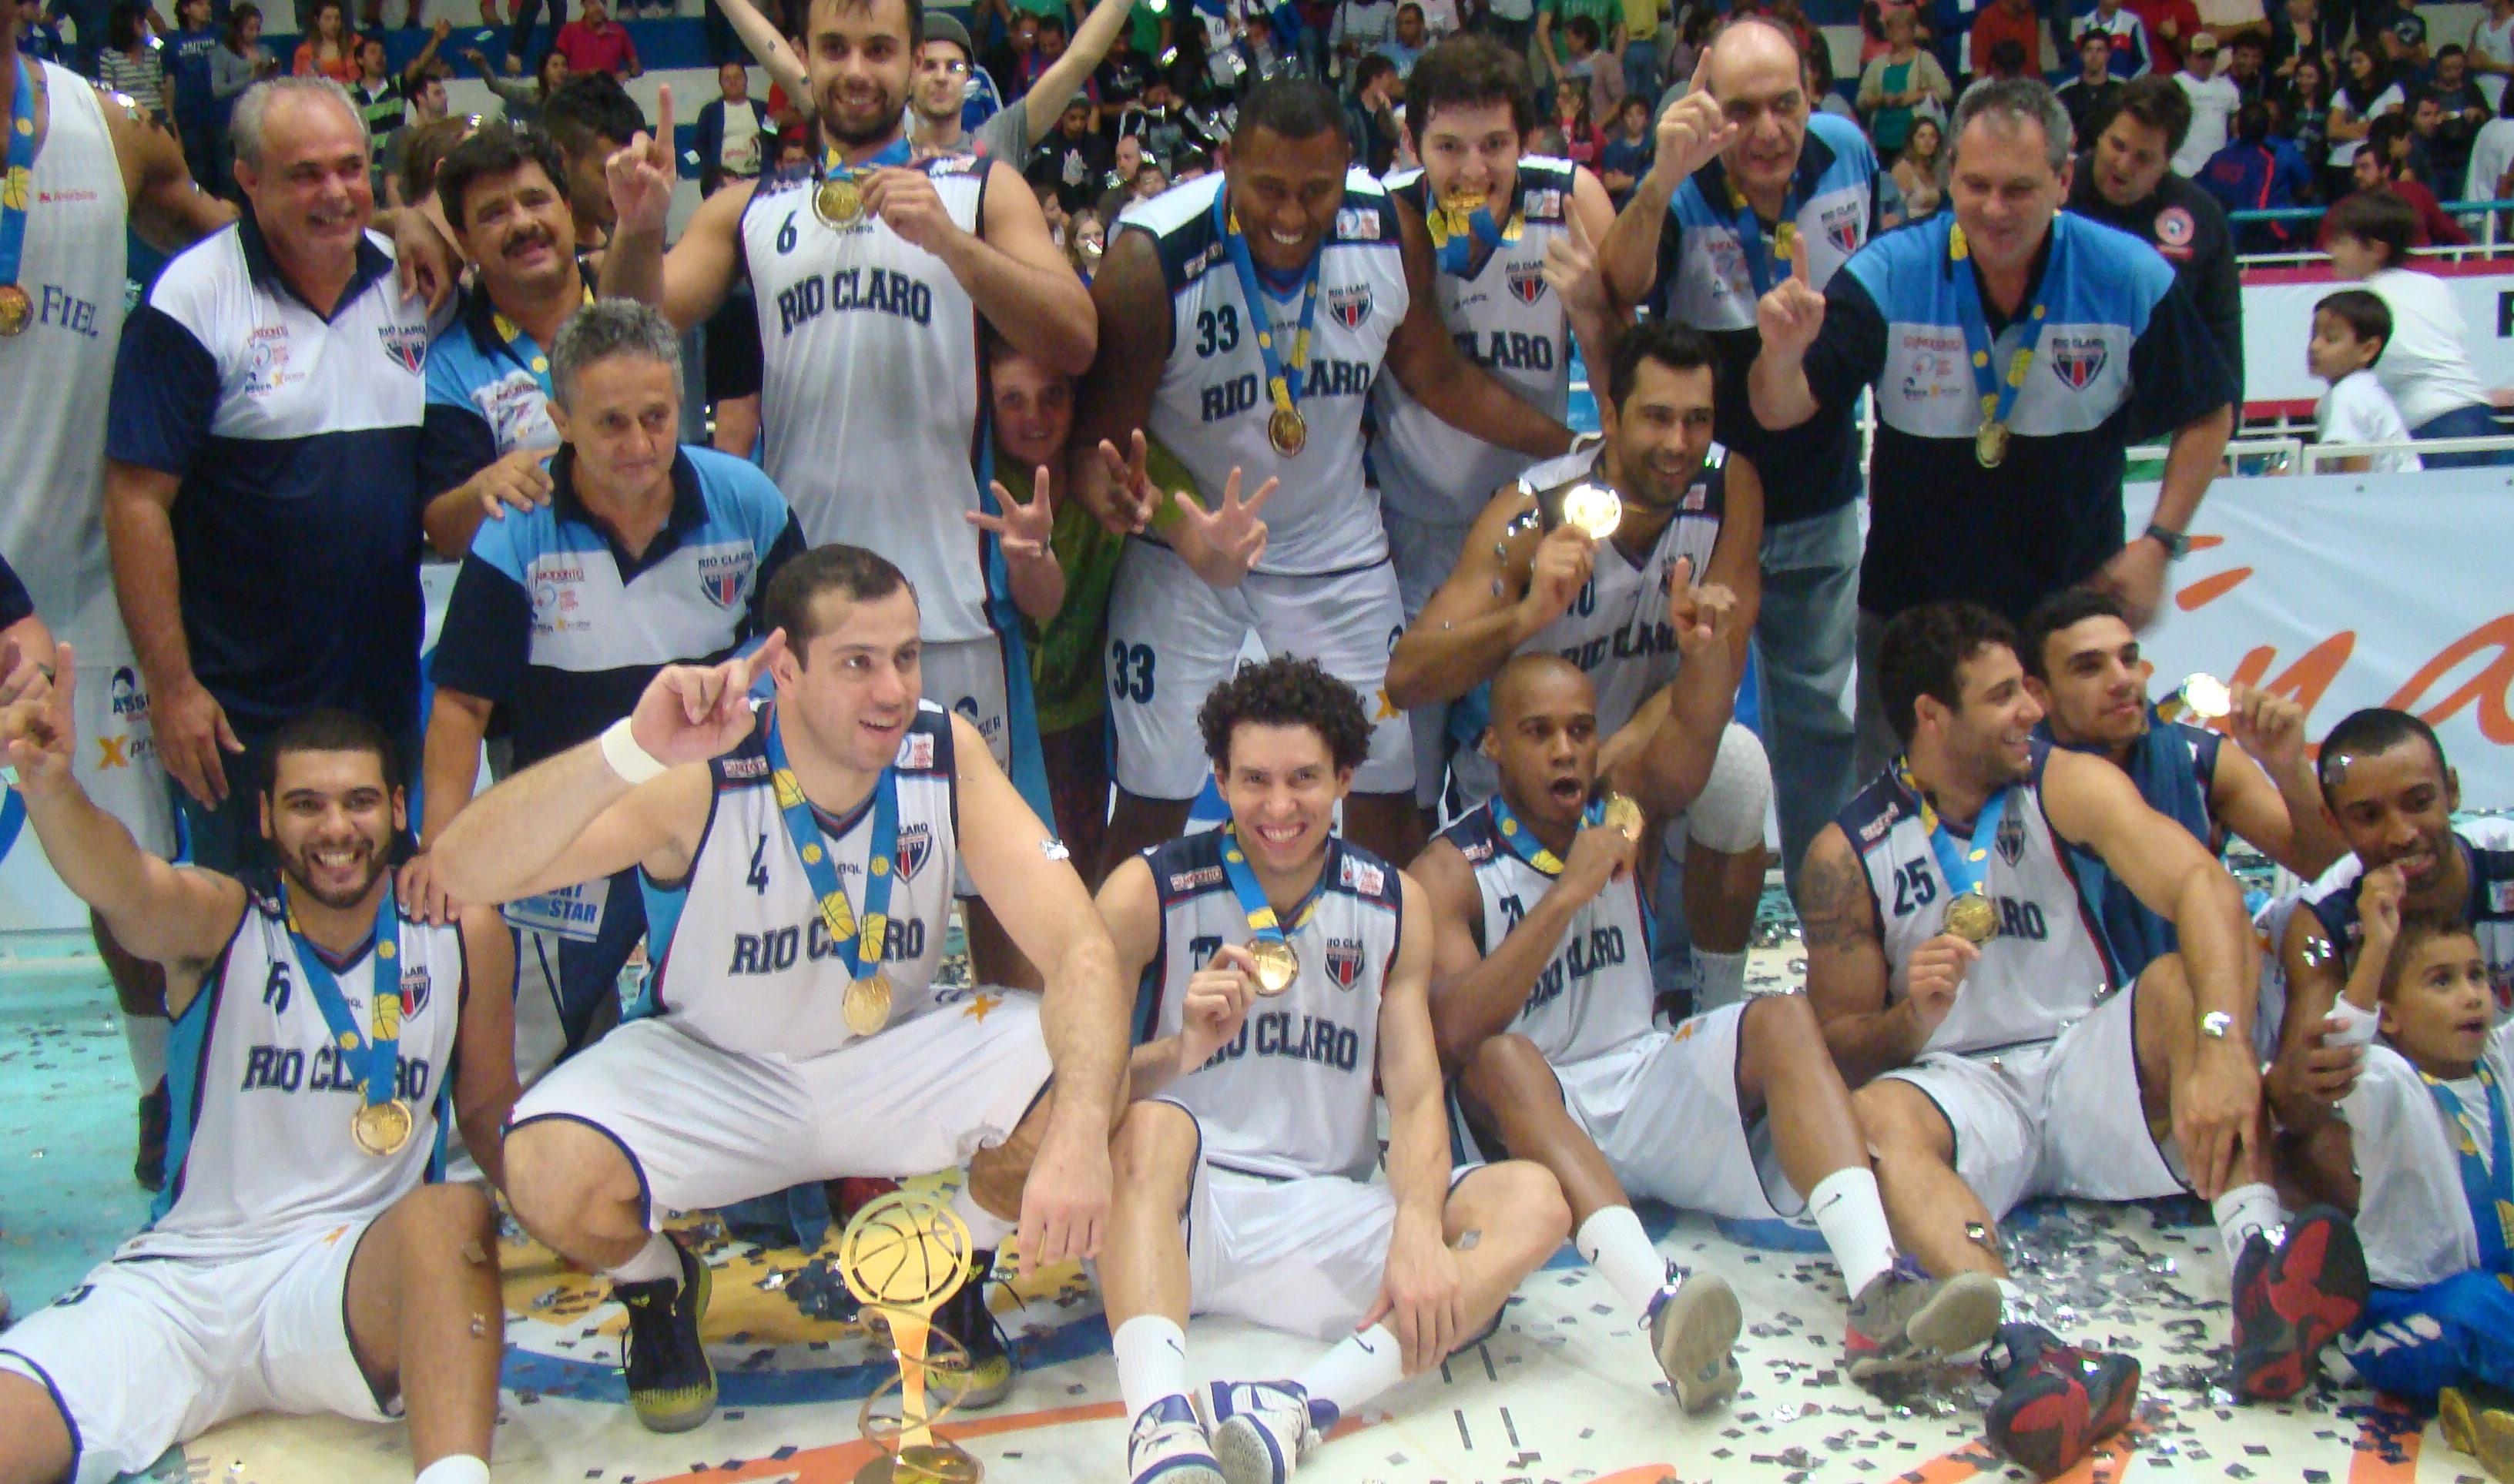 Dono do título da 1ª edição da Liga Ouro, Rio Claro disputa agora o NBB; campeão seguirá com vaga na elite do basquete nacional (Divulgação/LNB)